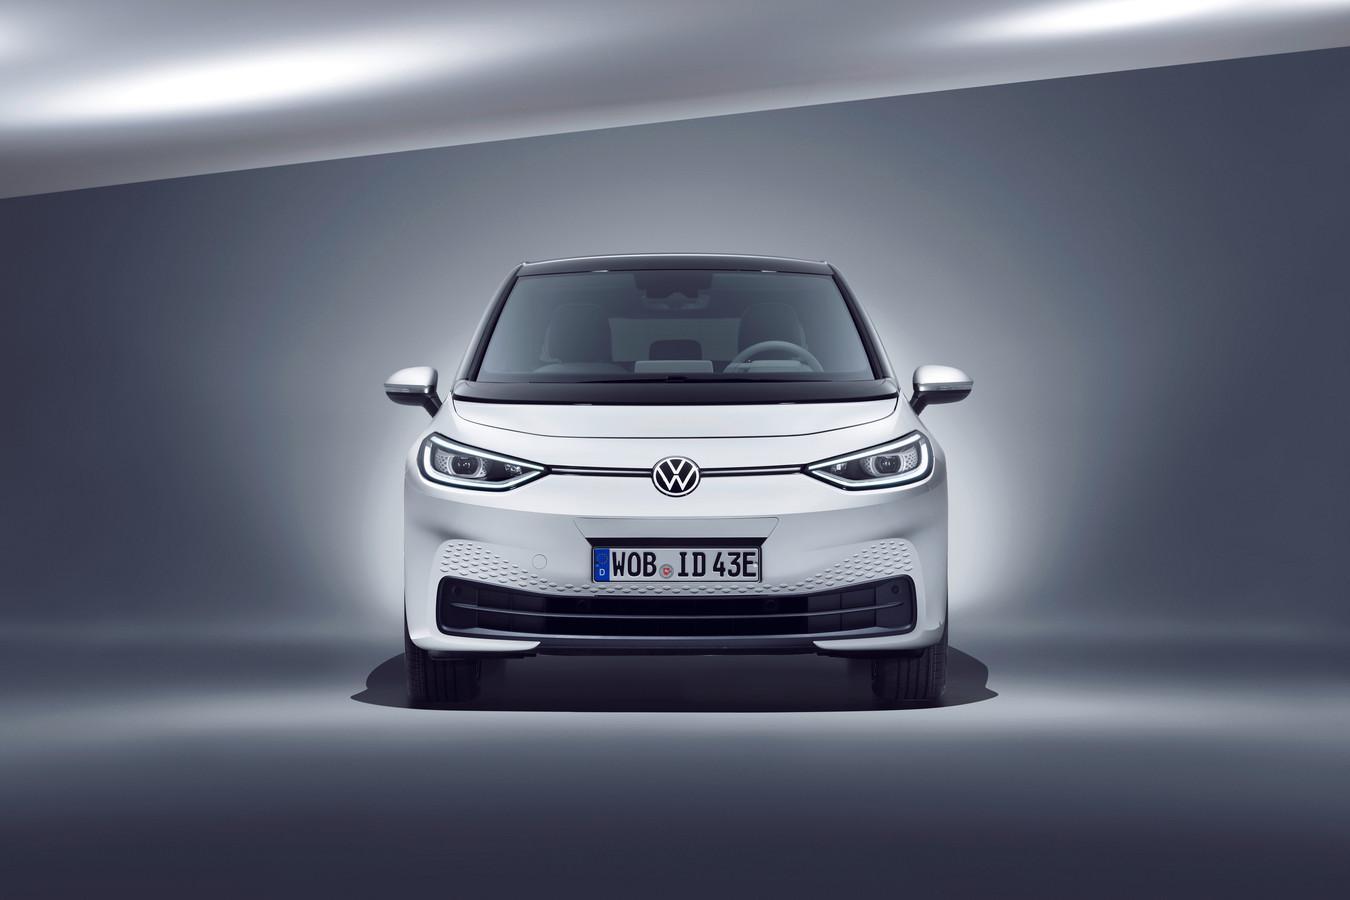 De Volkswagen ID.3